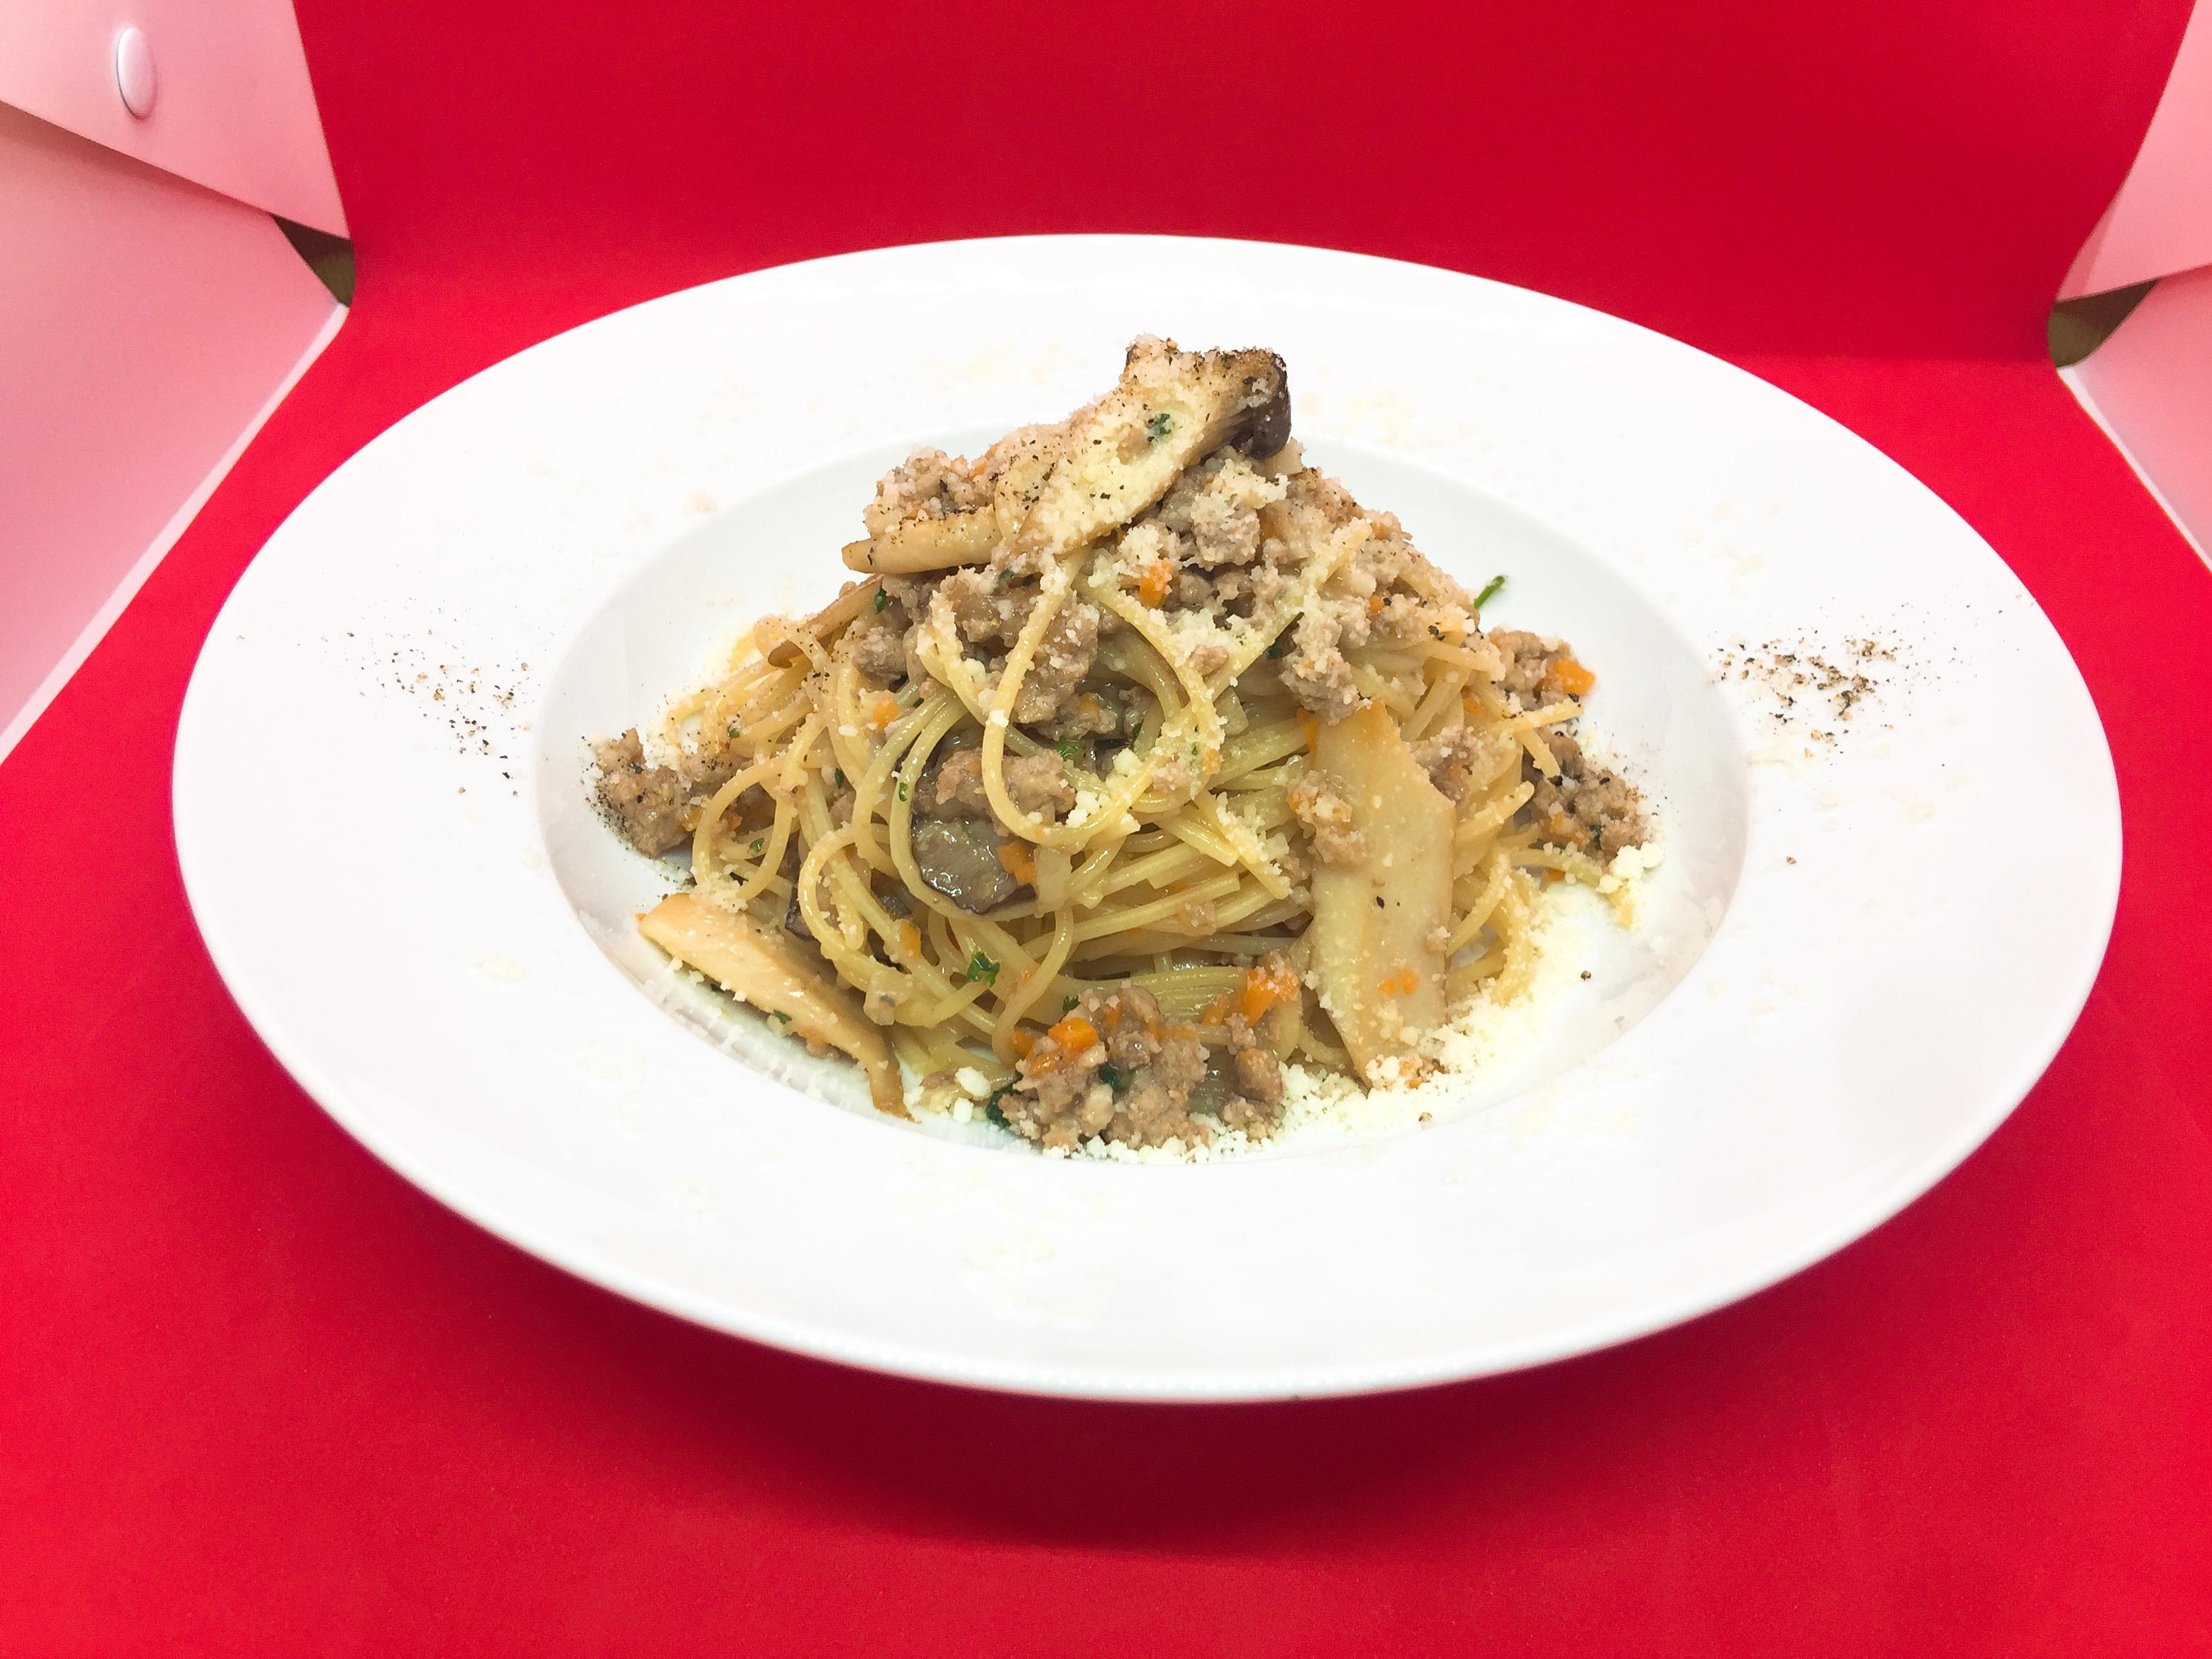 びえいポーク挽肉とエリンギスパゲッティ